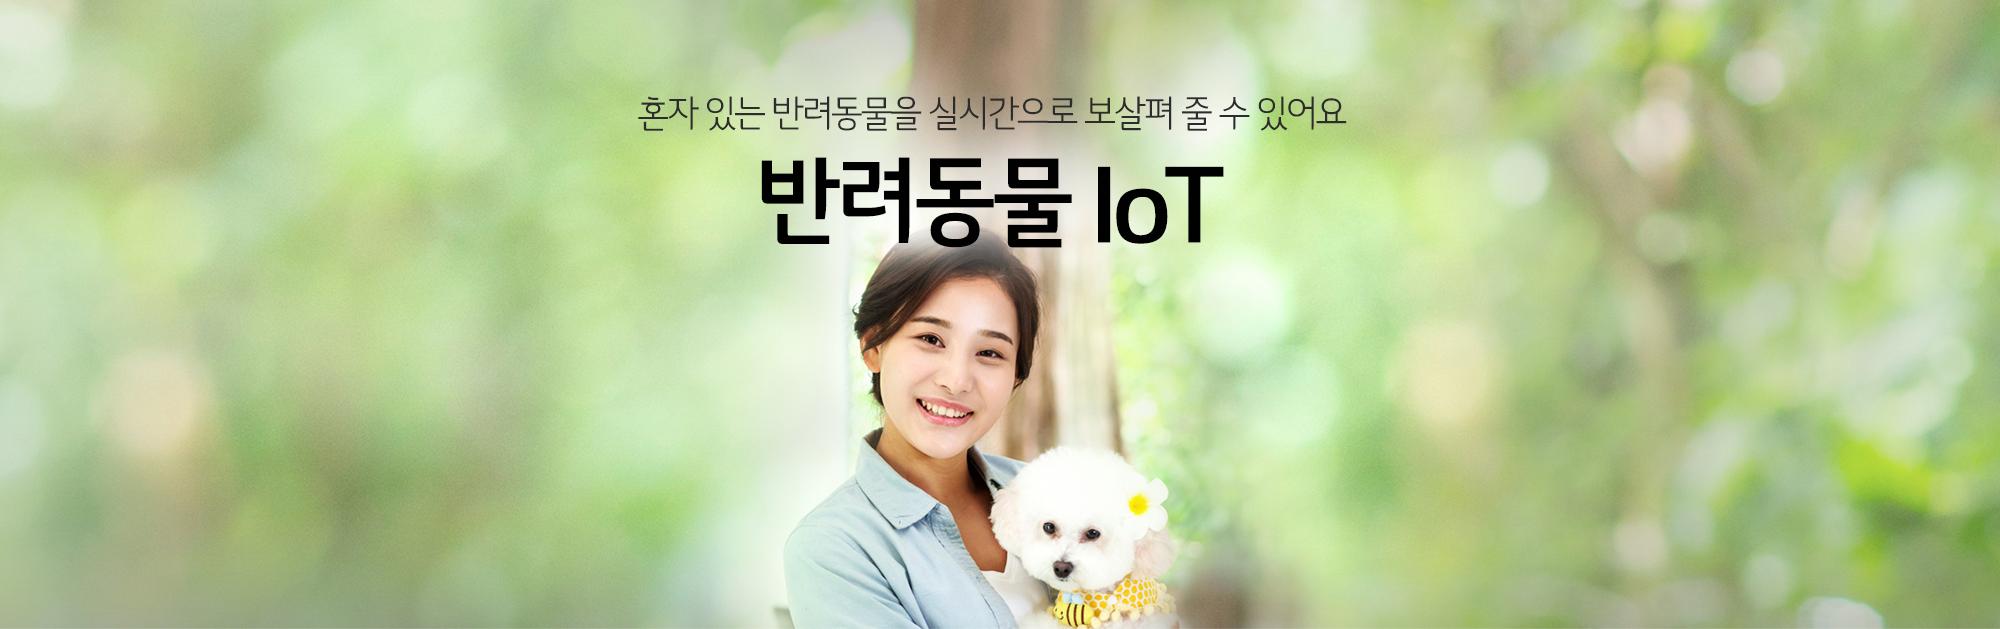 반려동물 IoT